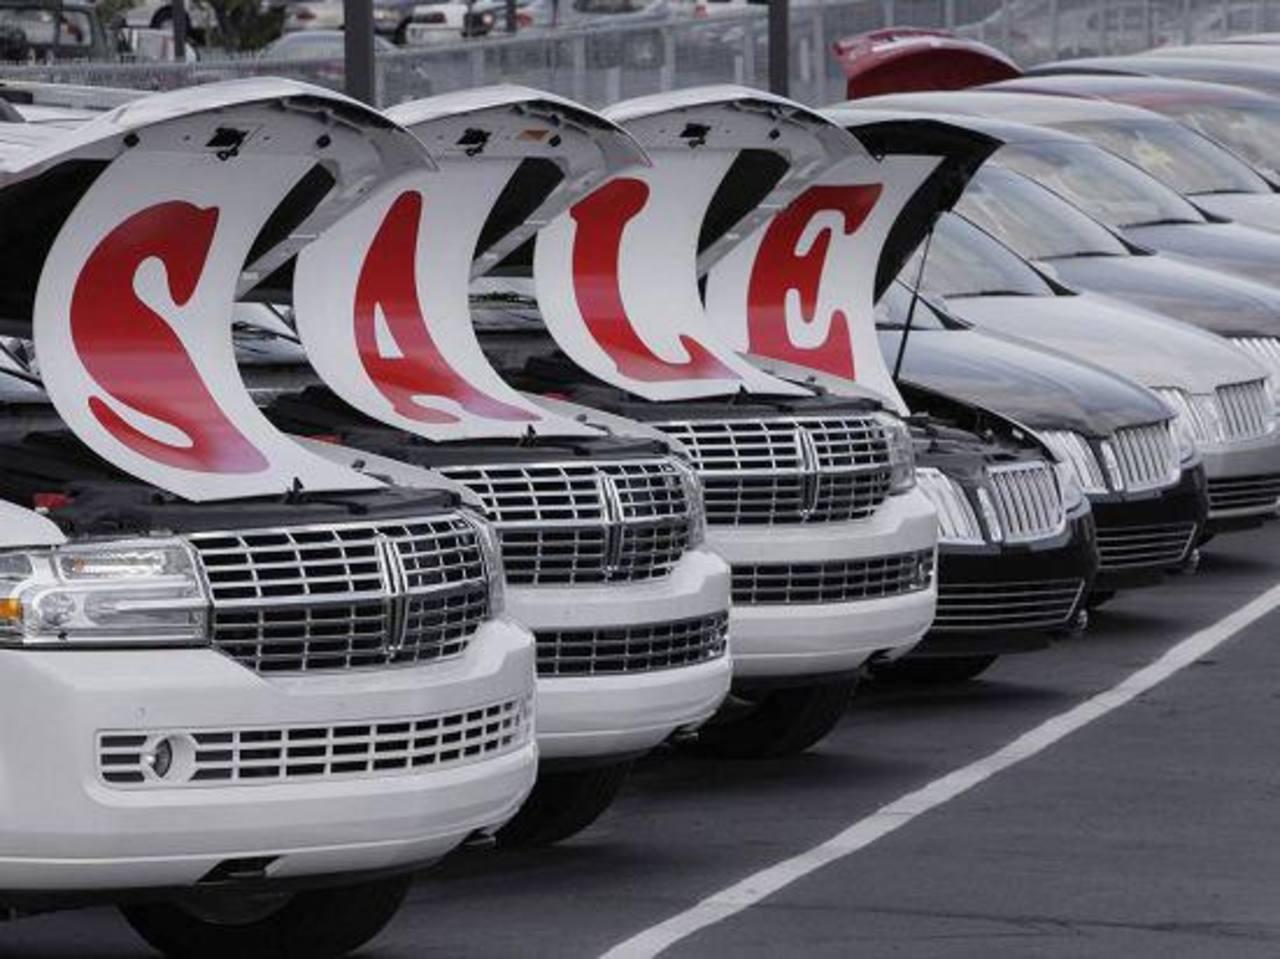 La ventas de agosto subieron en un 5 % comparadas con las de julio pasado, según Edmunds.com. Foto EDH / Archivo